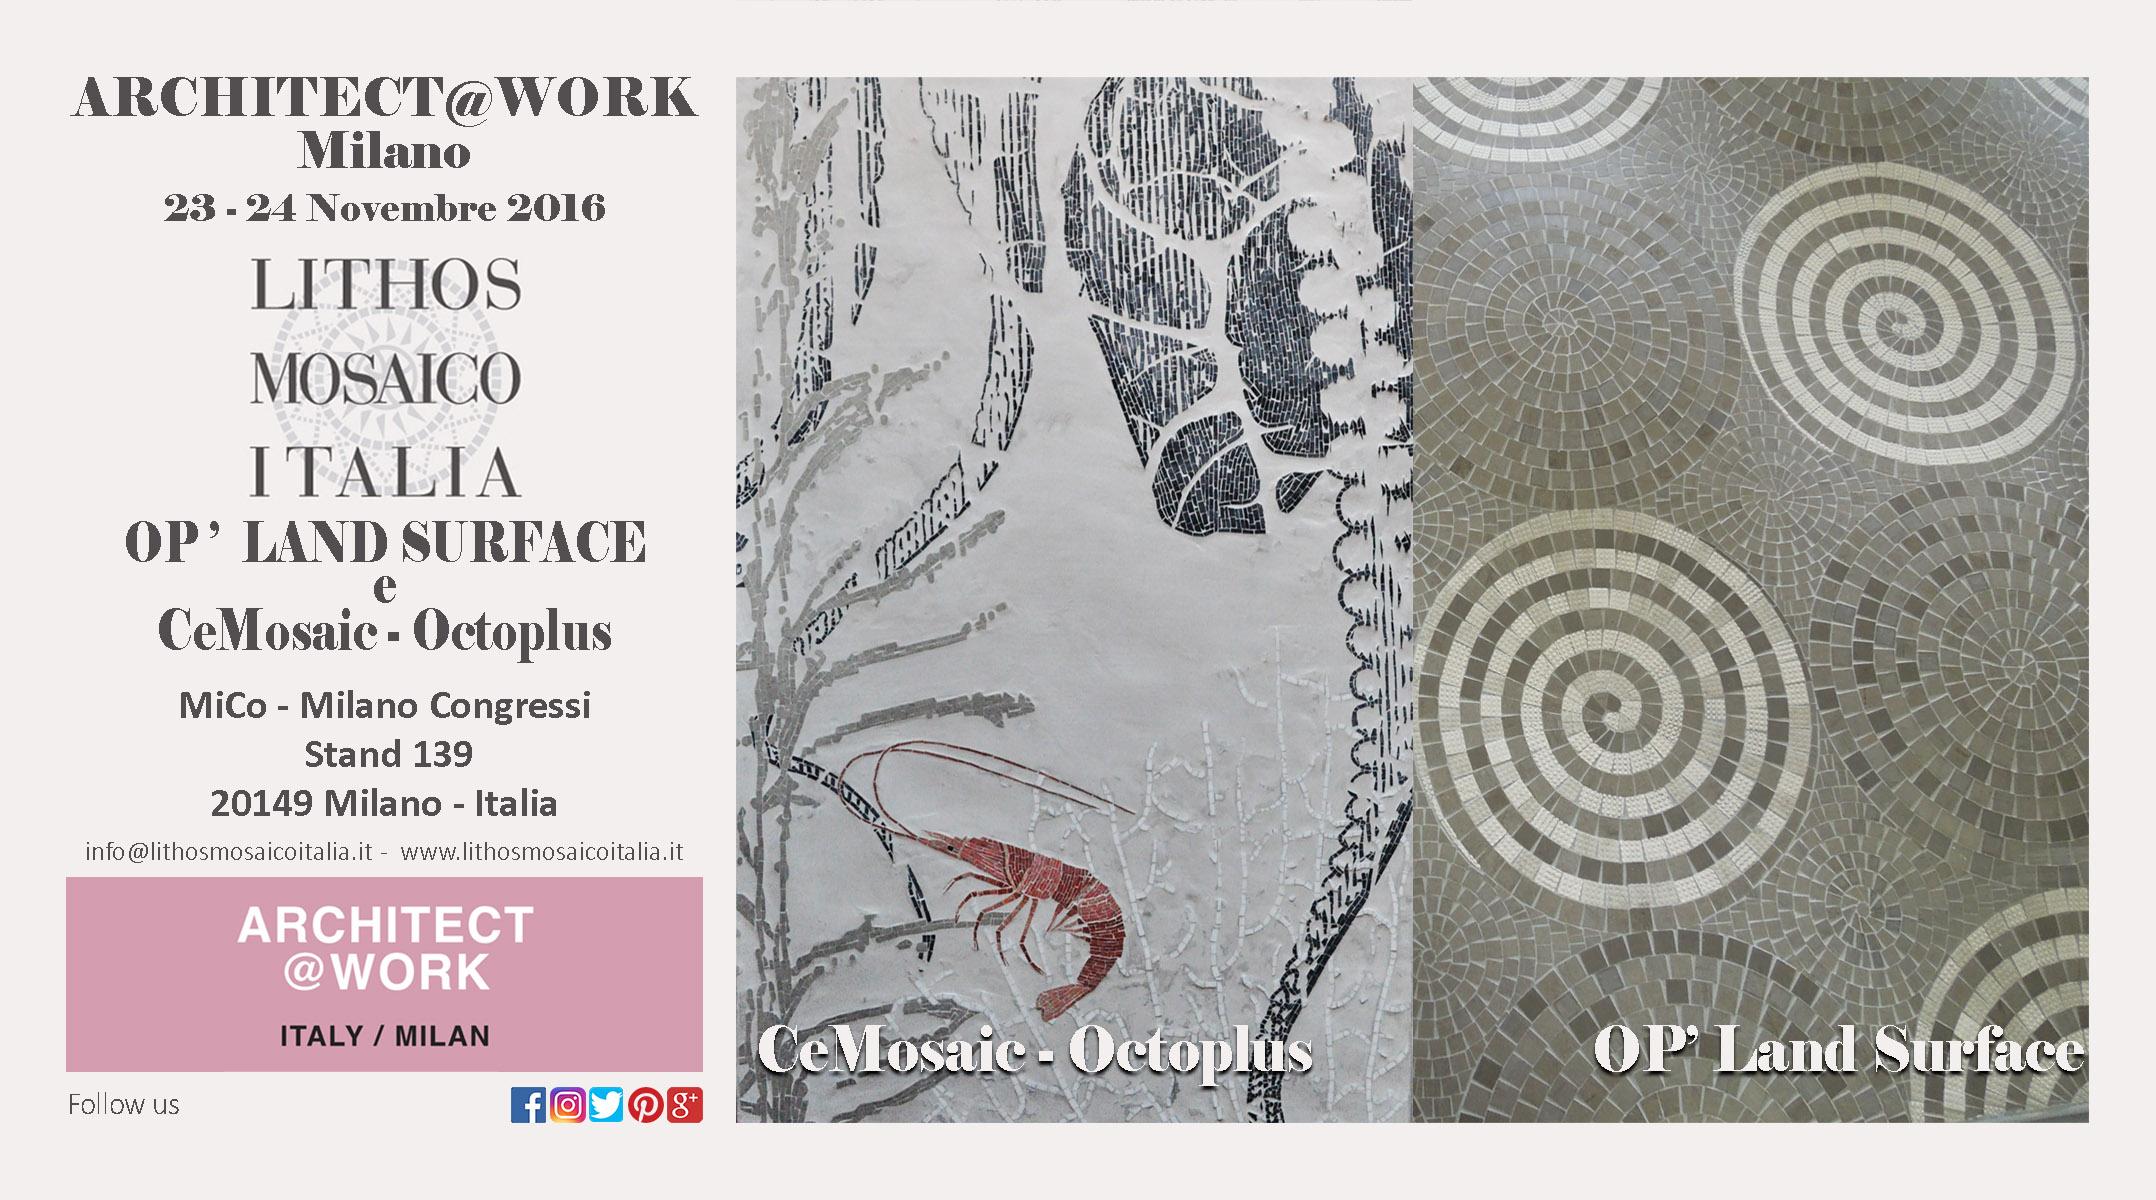 Architect@work-2016-Milano-Sito Architect@Work 2016 – Milano Fiere